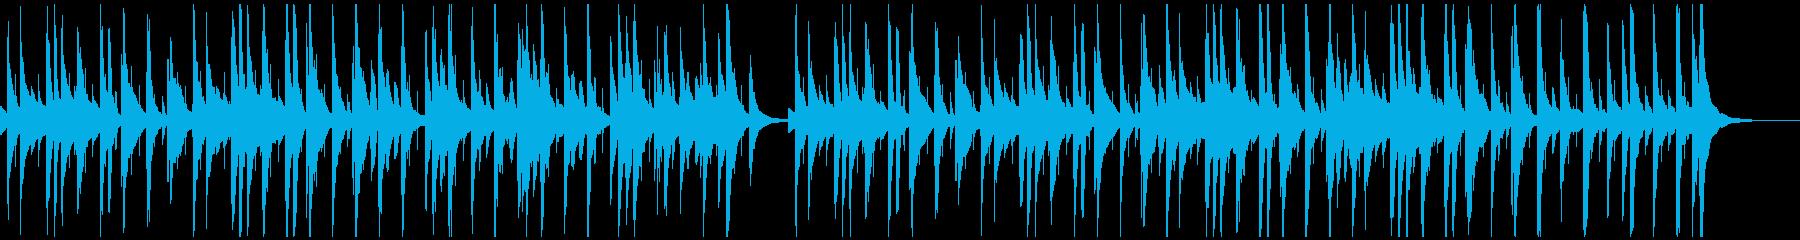 穏やかで牧歌的なイメージのほのぼの日常曲の再生済みの波形